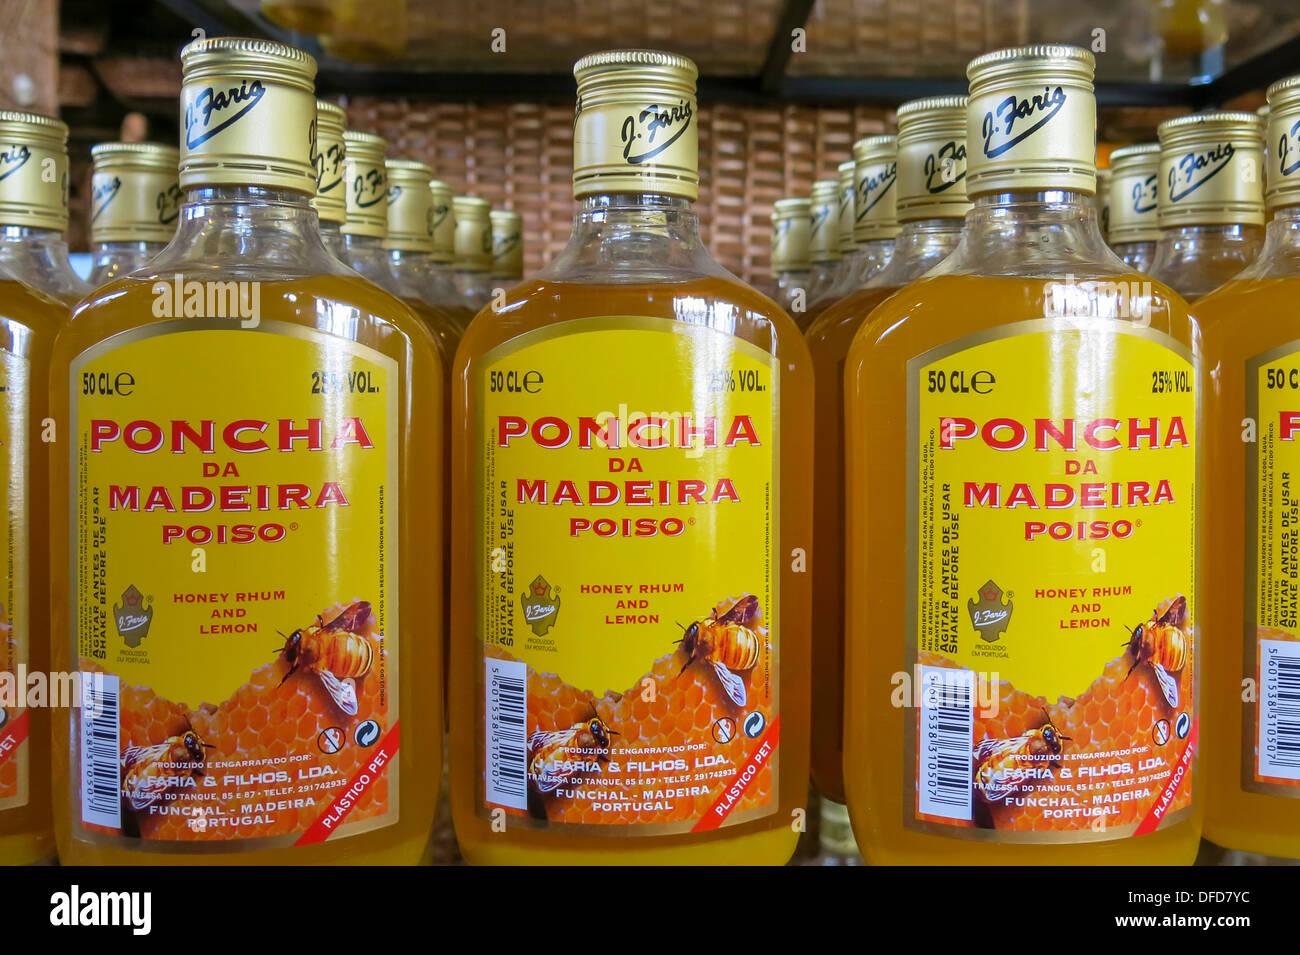 Bouteilles de Poncha, une boisson alcoolisée locale à Madère Photo Stock